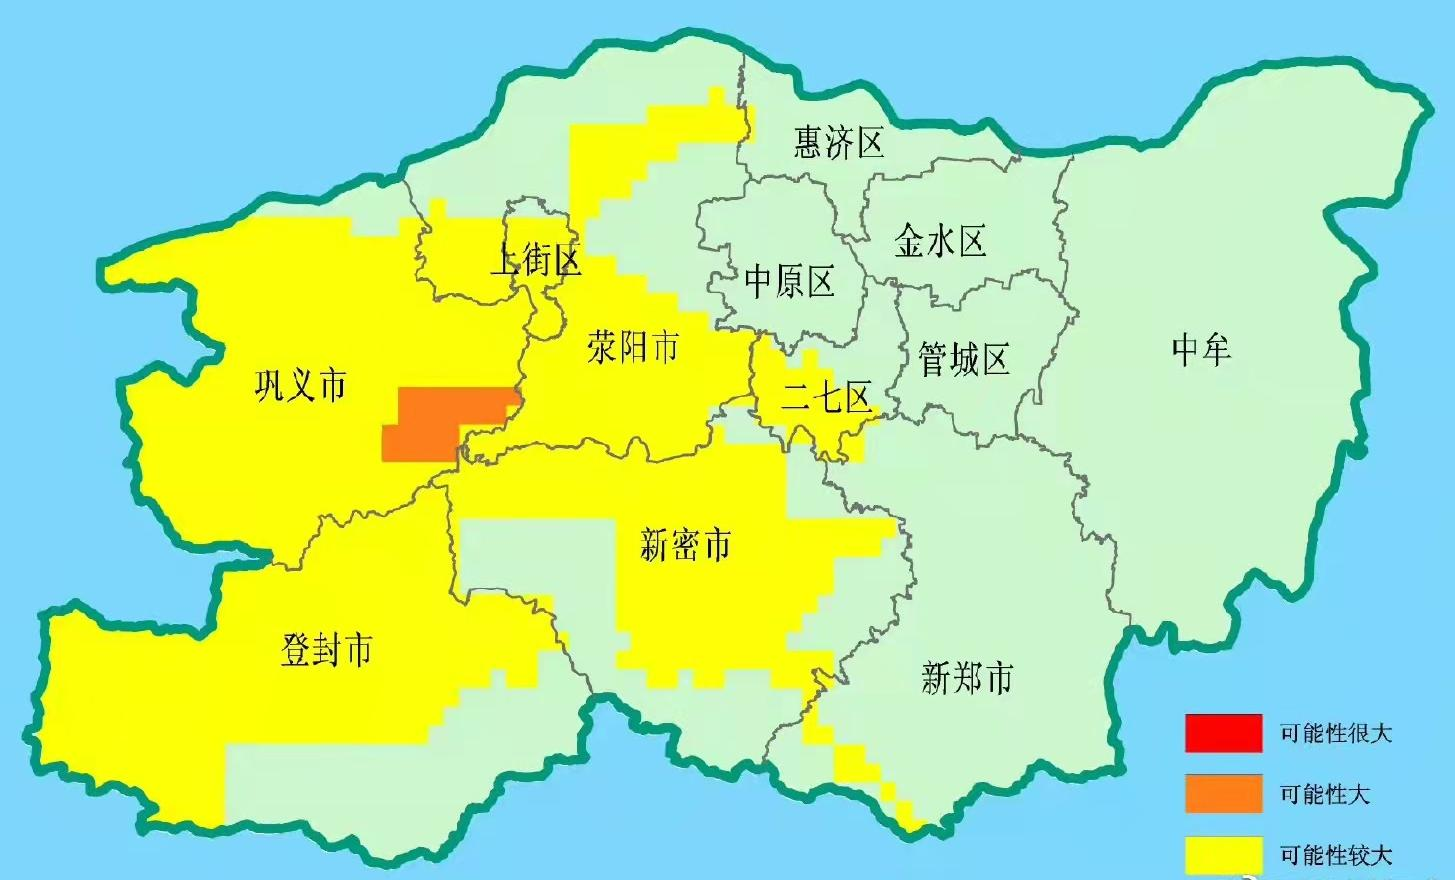 橙色+黄色预警 郑州发布汛期地质灾害气象预报预警